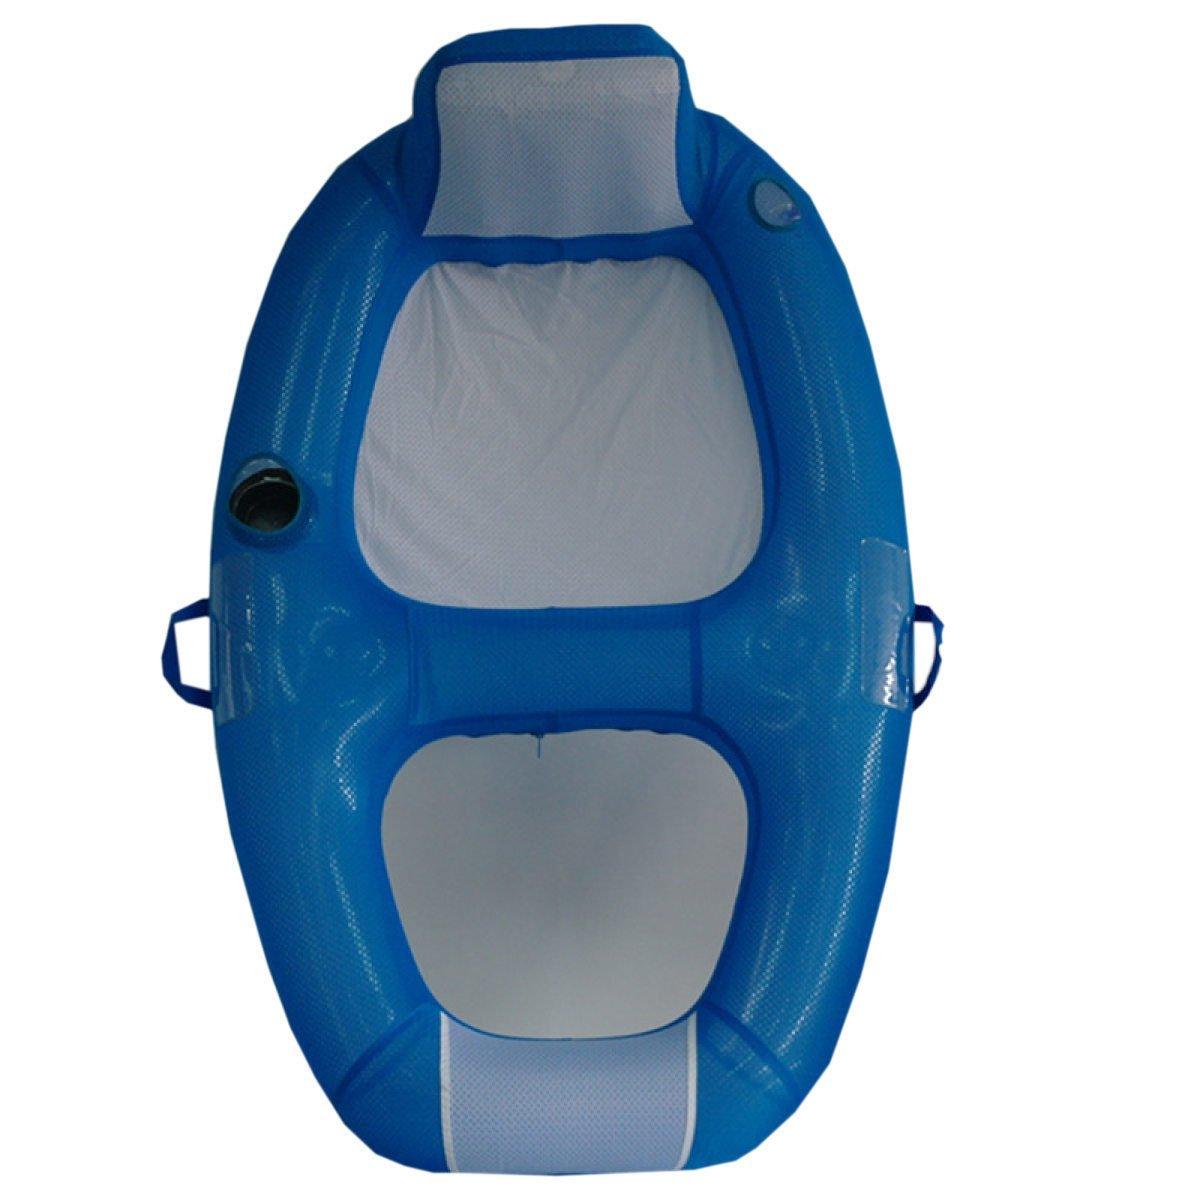 Dfb Wasser Aufblasbare Schwimmende Reihe Schwimmende Bett PVC Aufblasbare Produkte Wasser Aufblasbare Spielzeug Wasser Freizeit Produkte Strand Freizeit